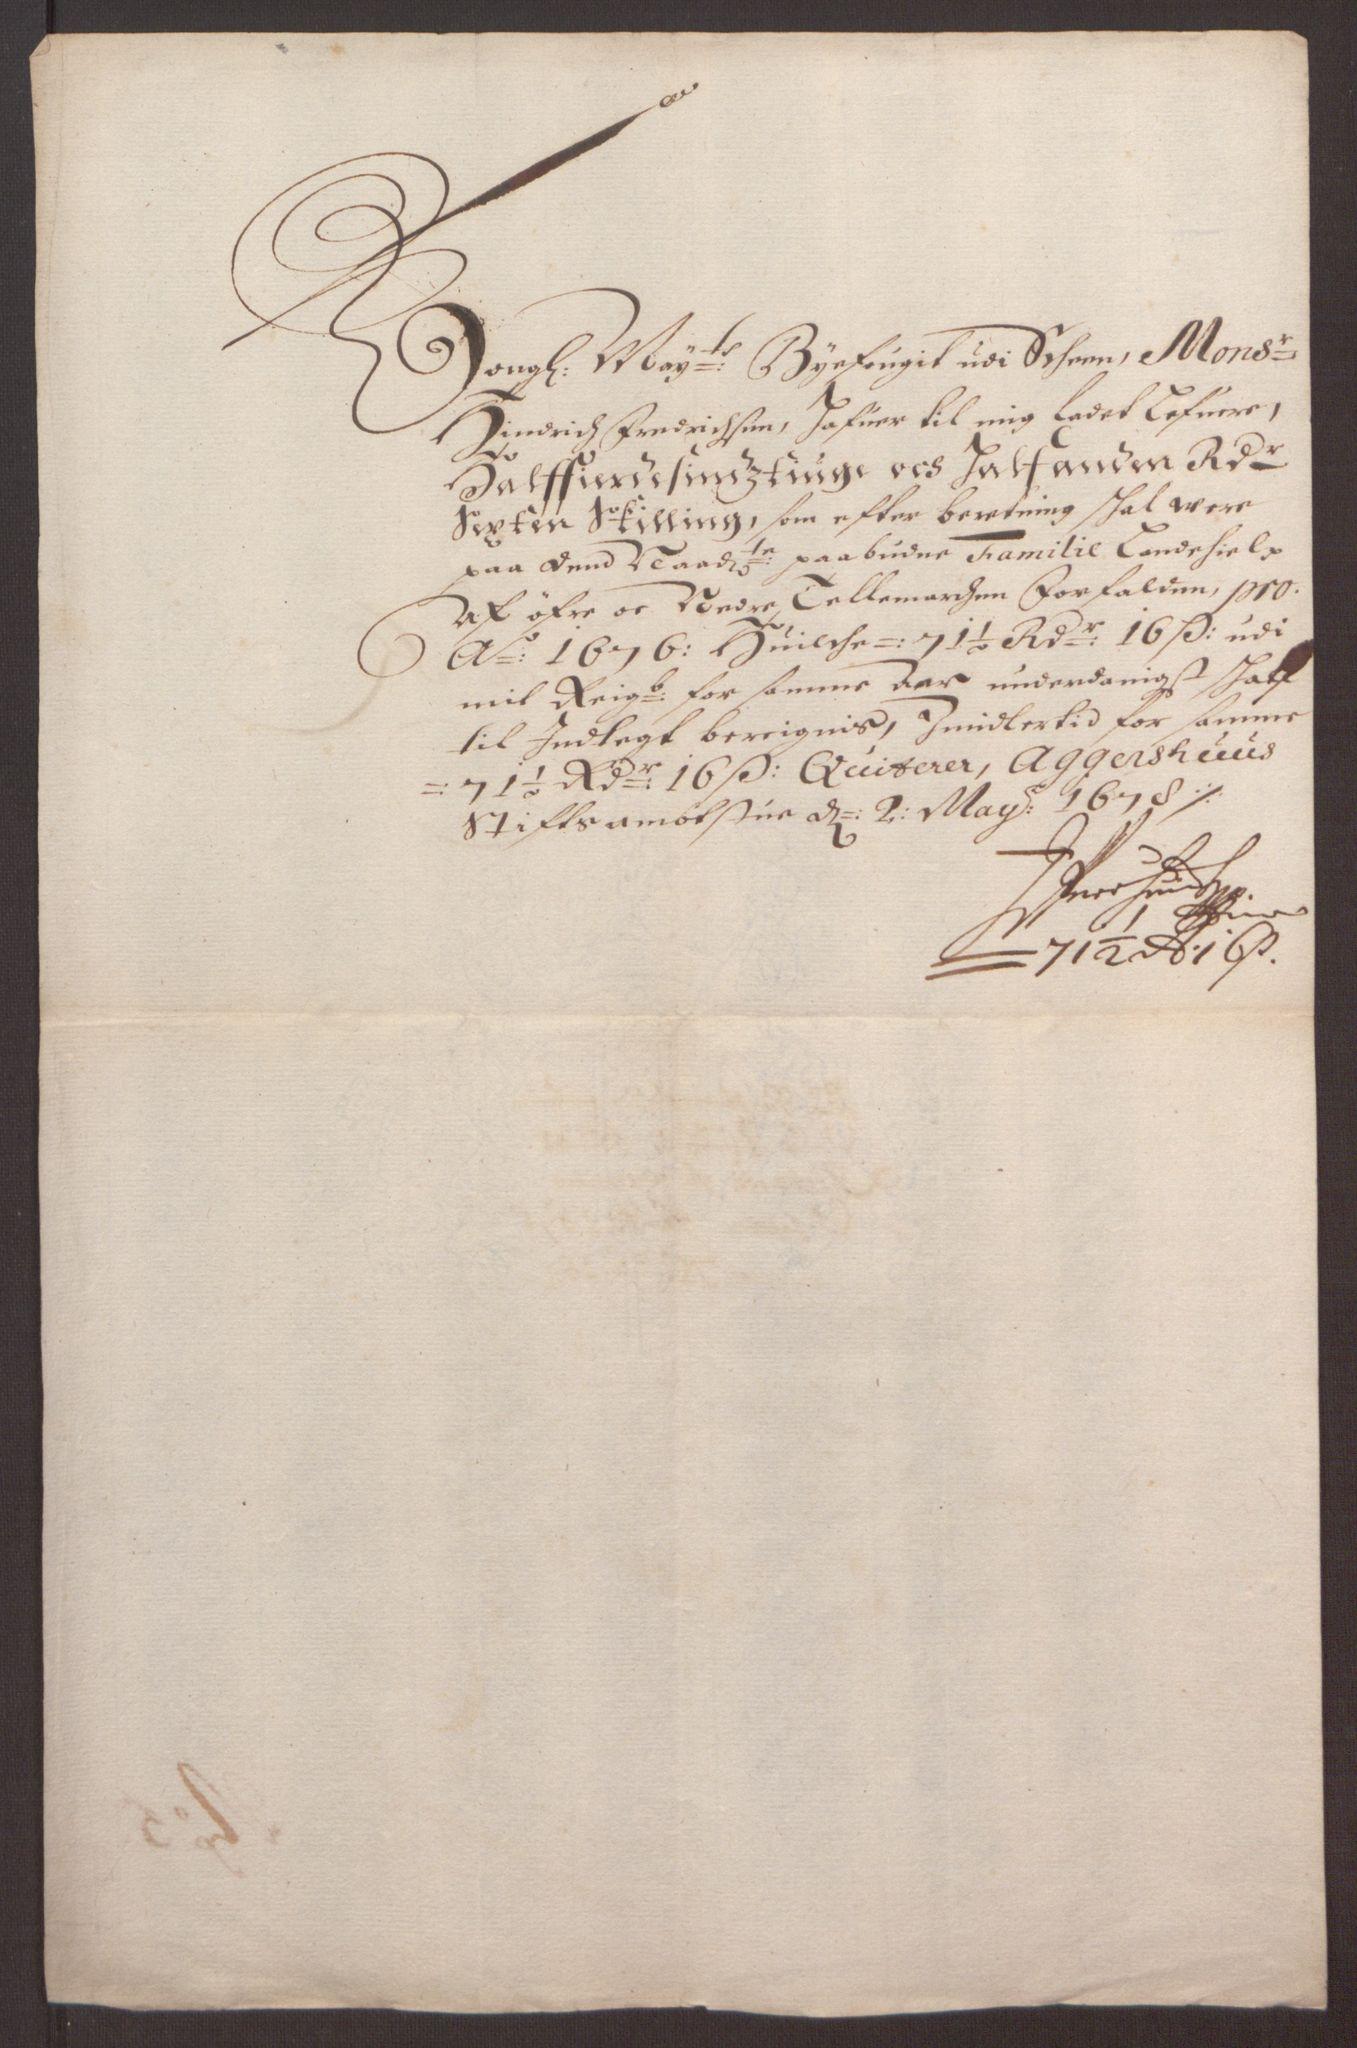 RA, Rentekammeret inntil 1814, Reviderte regnskaper, Fogderegnskap, R35/L2066: Fogderegnskap Øvre og Nedre Telemark, 1676, s. 217